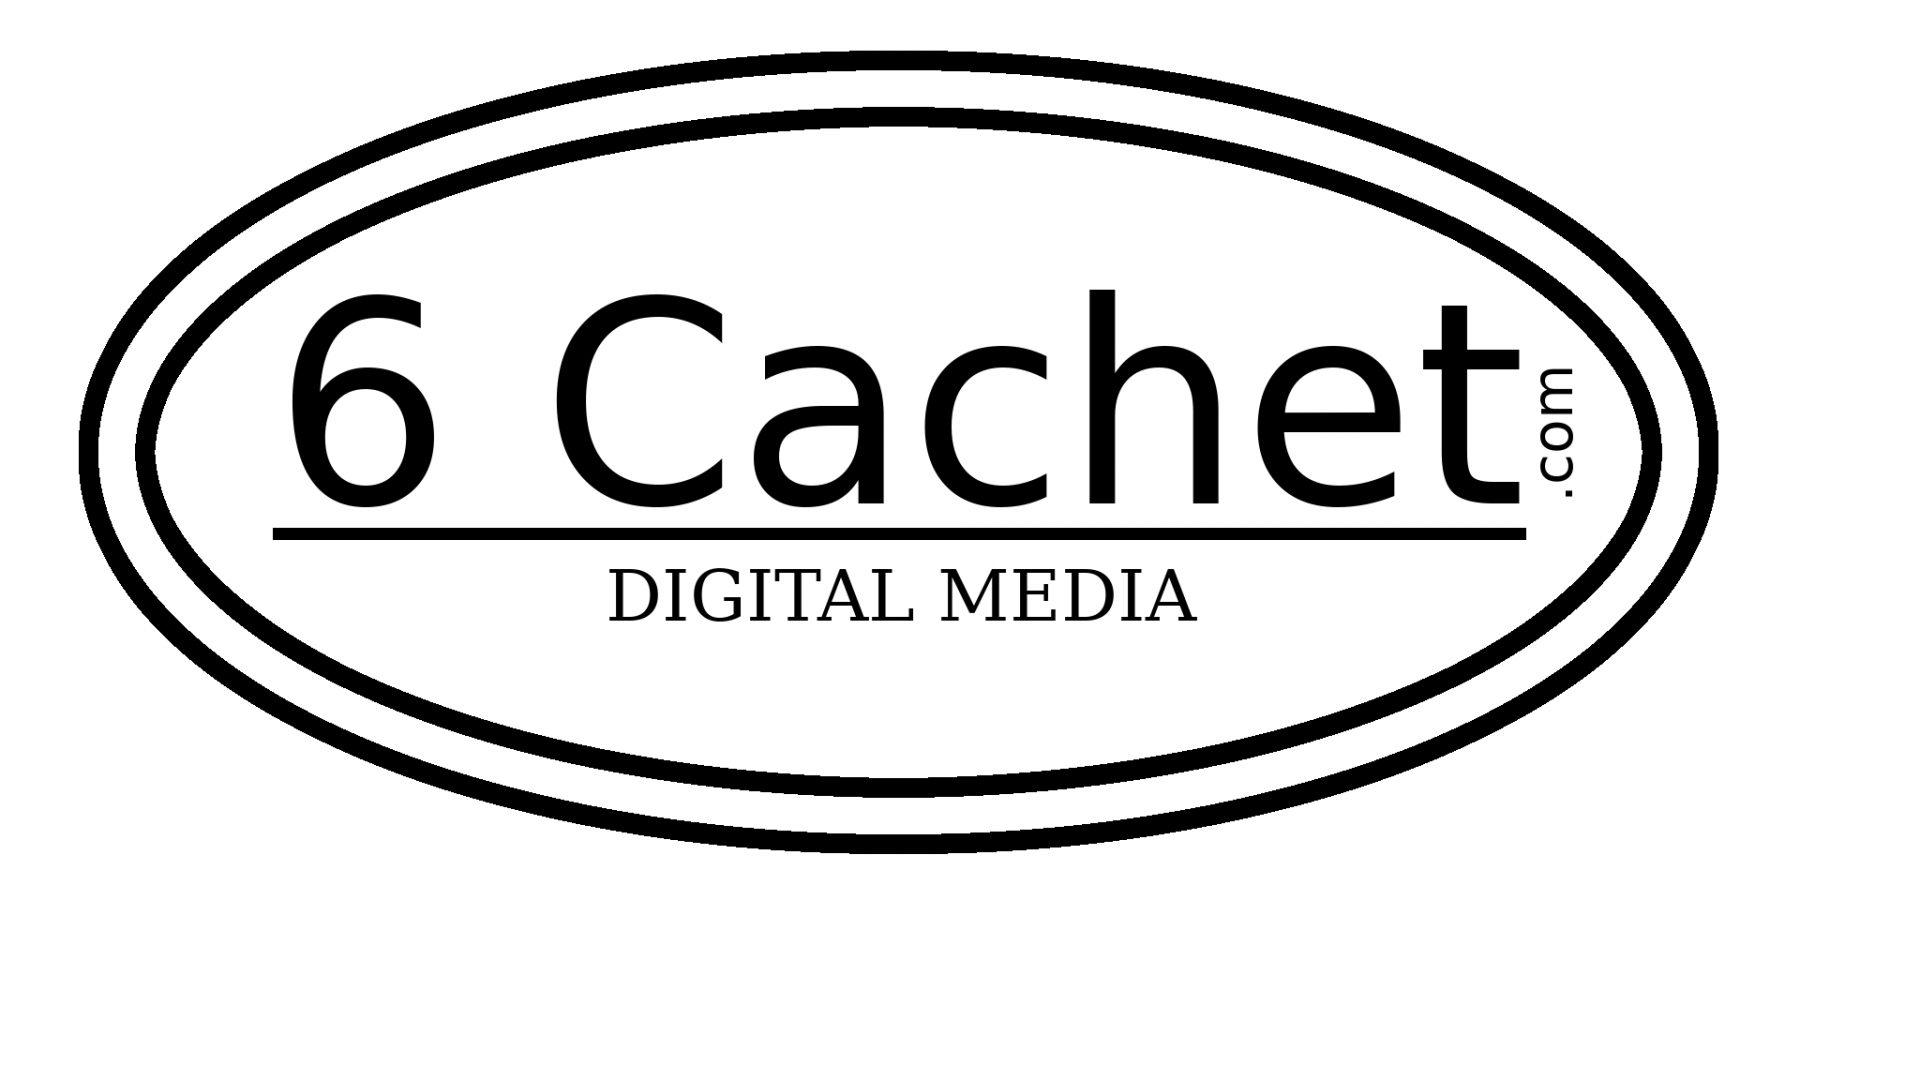 6 Cachet